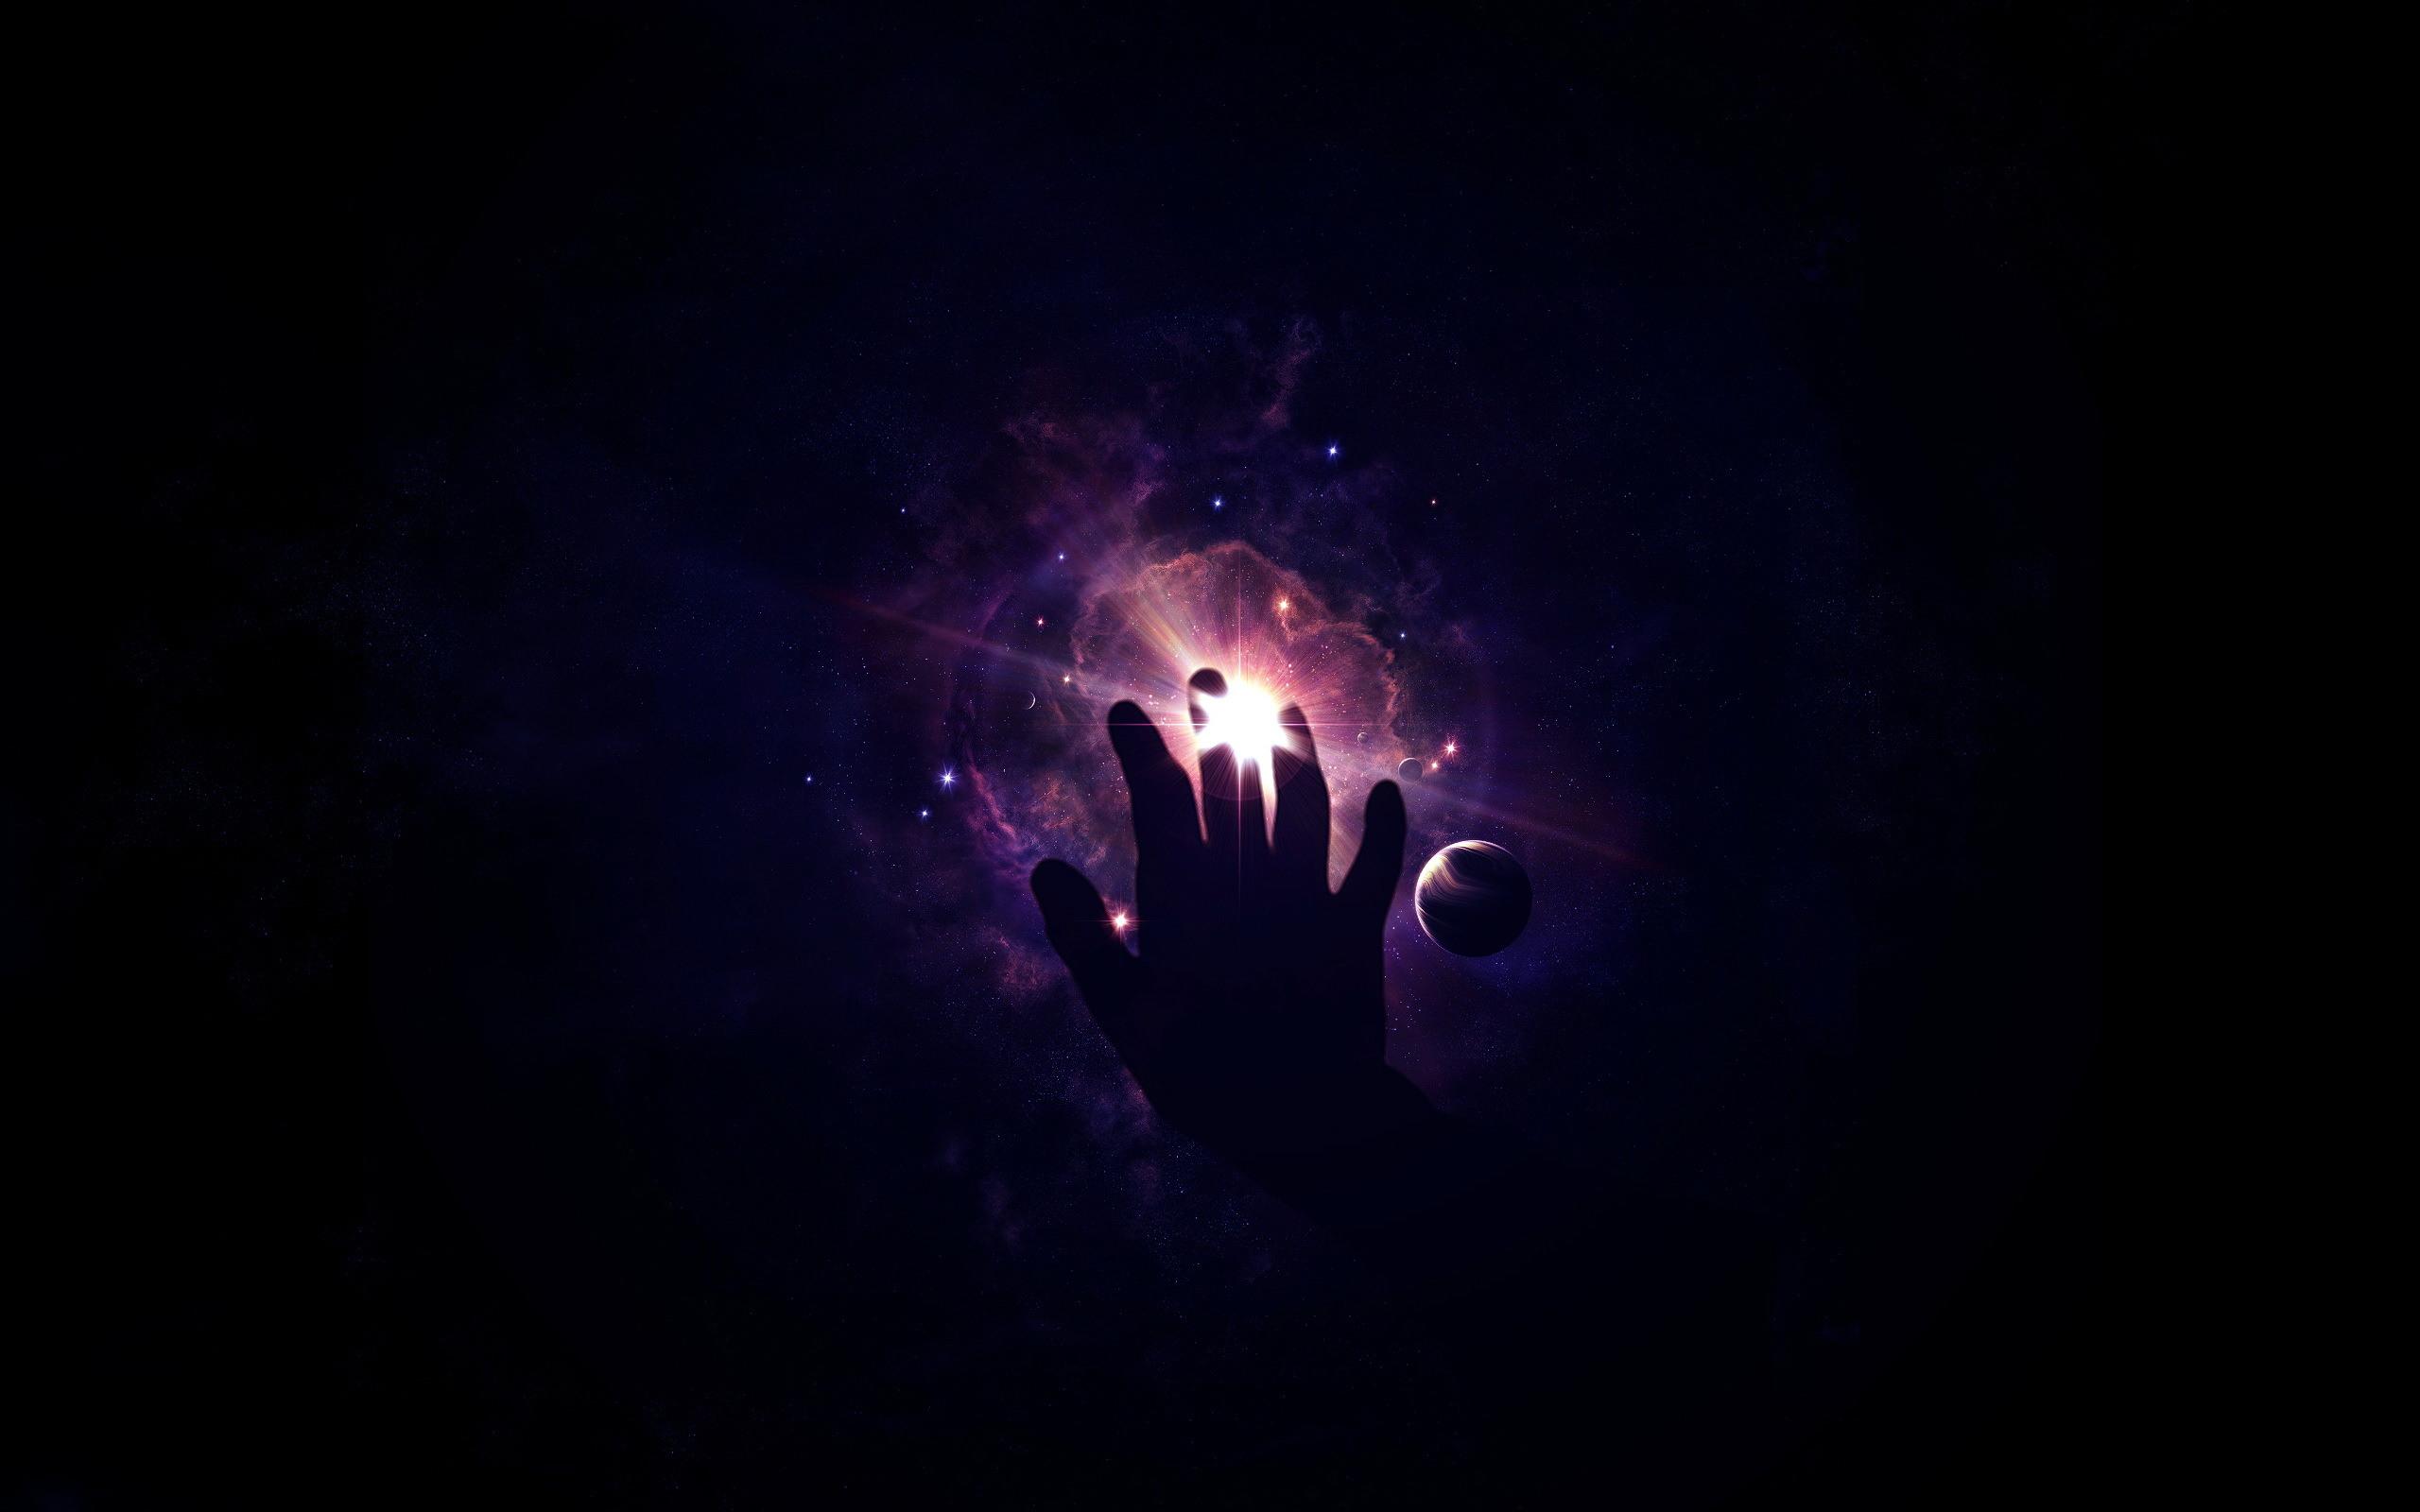 22818 Lade kostenlos Schwarz Hintergrundbilder für dein Handy herunter, Landschaft, Planets, Universum, Sterne Schwarz Bilder und Bildschirmschoner für dein Handy